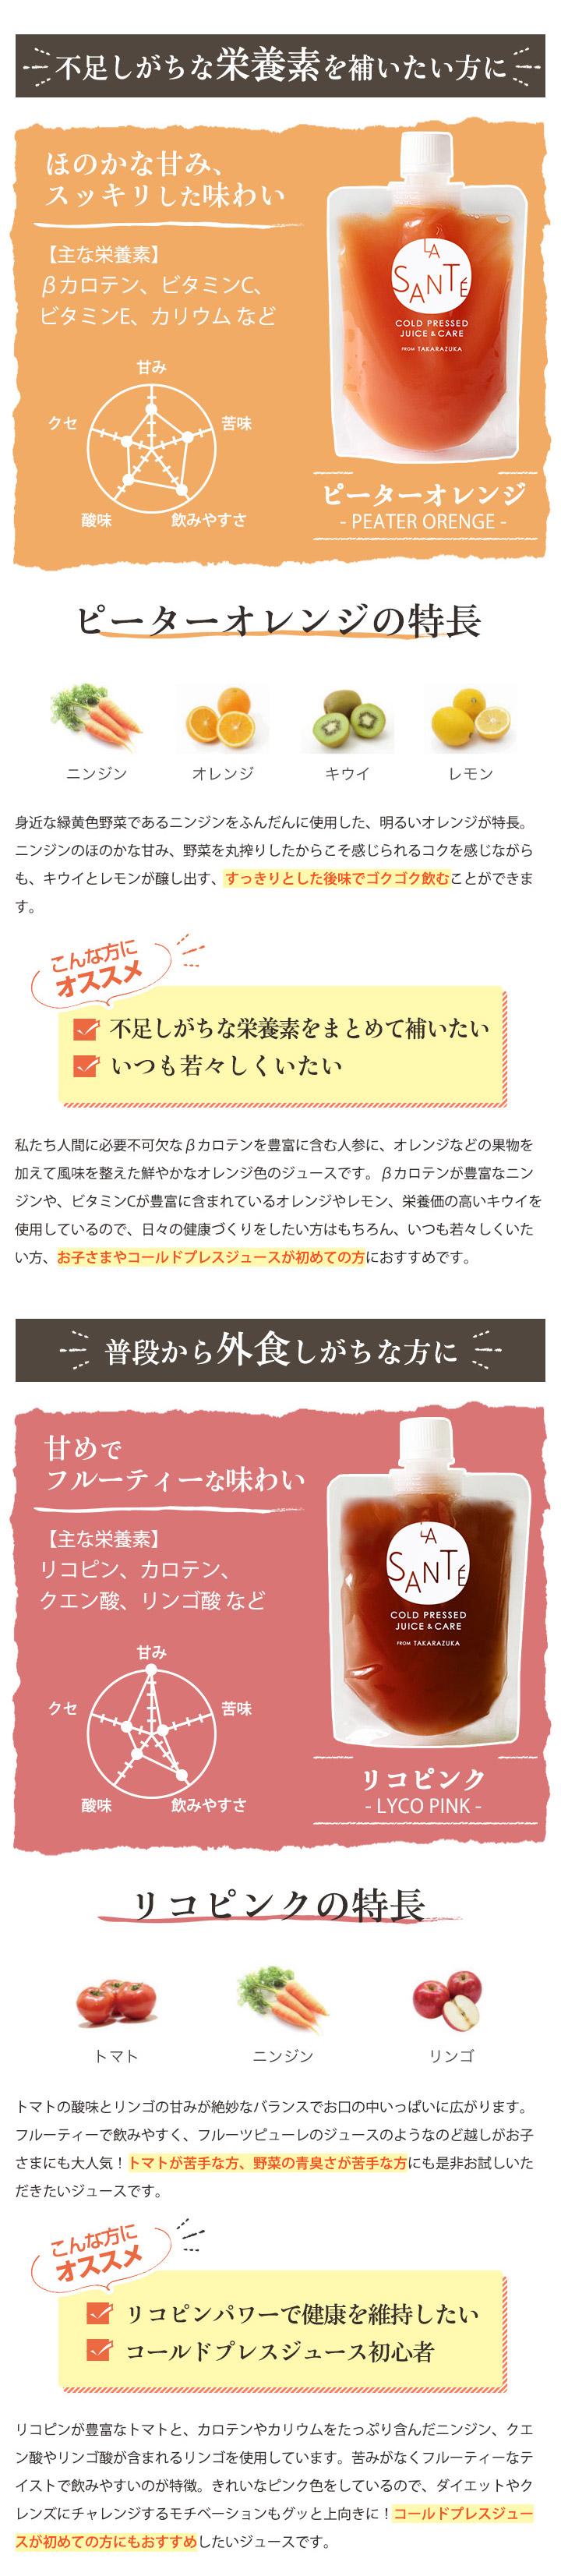 宝塚ラサンテ コールドプレスジュース ビターオレンジ リコピンク